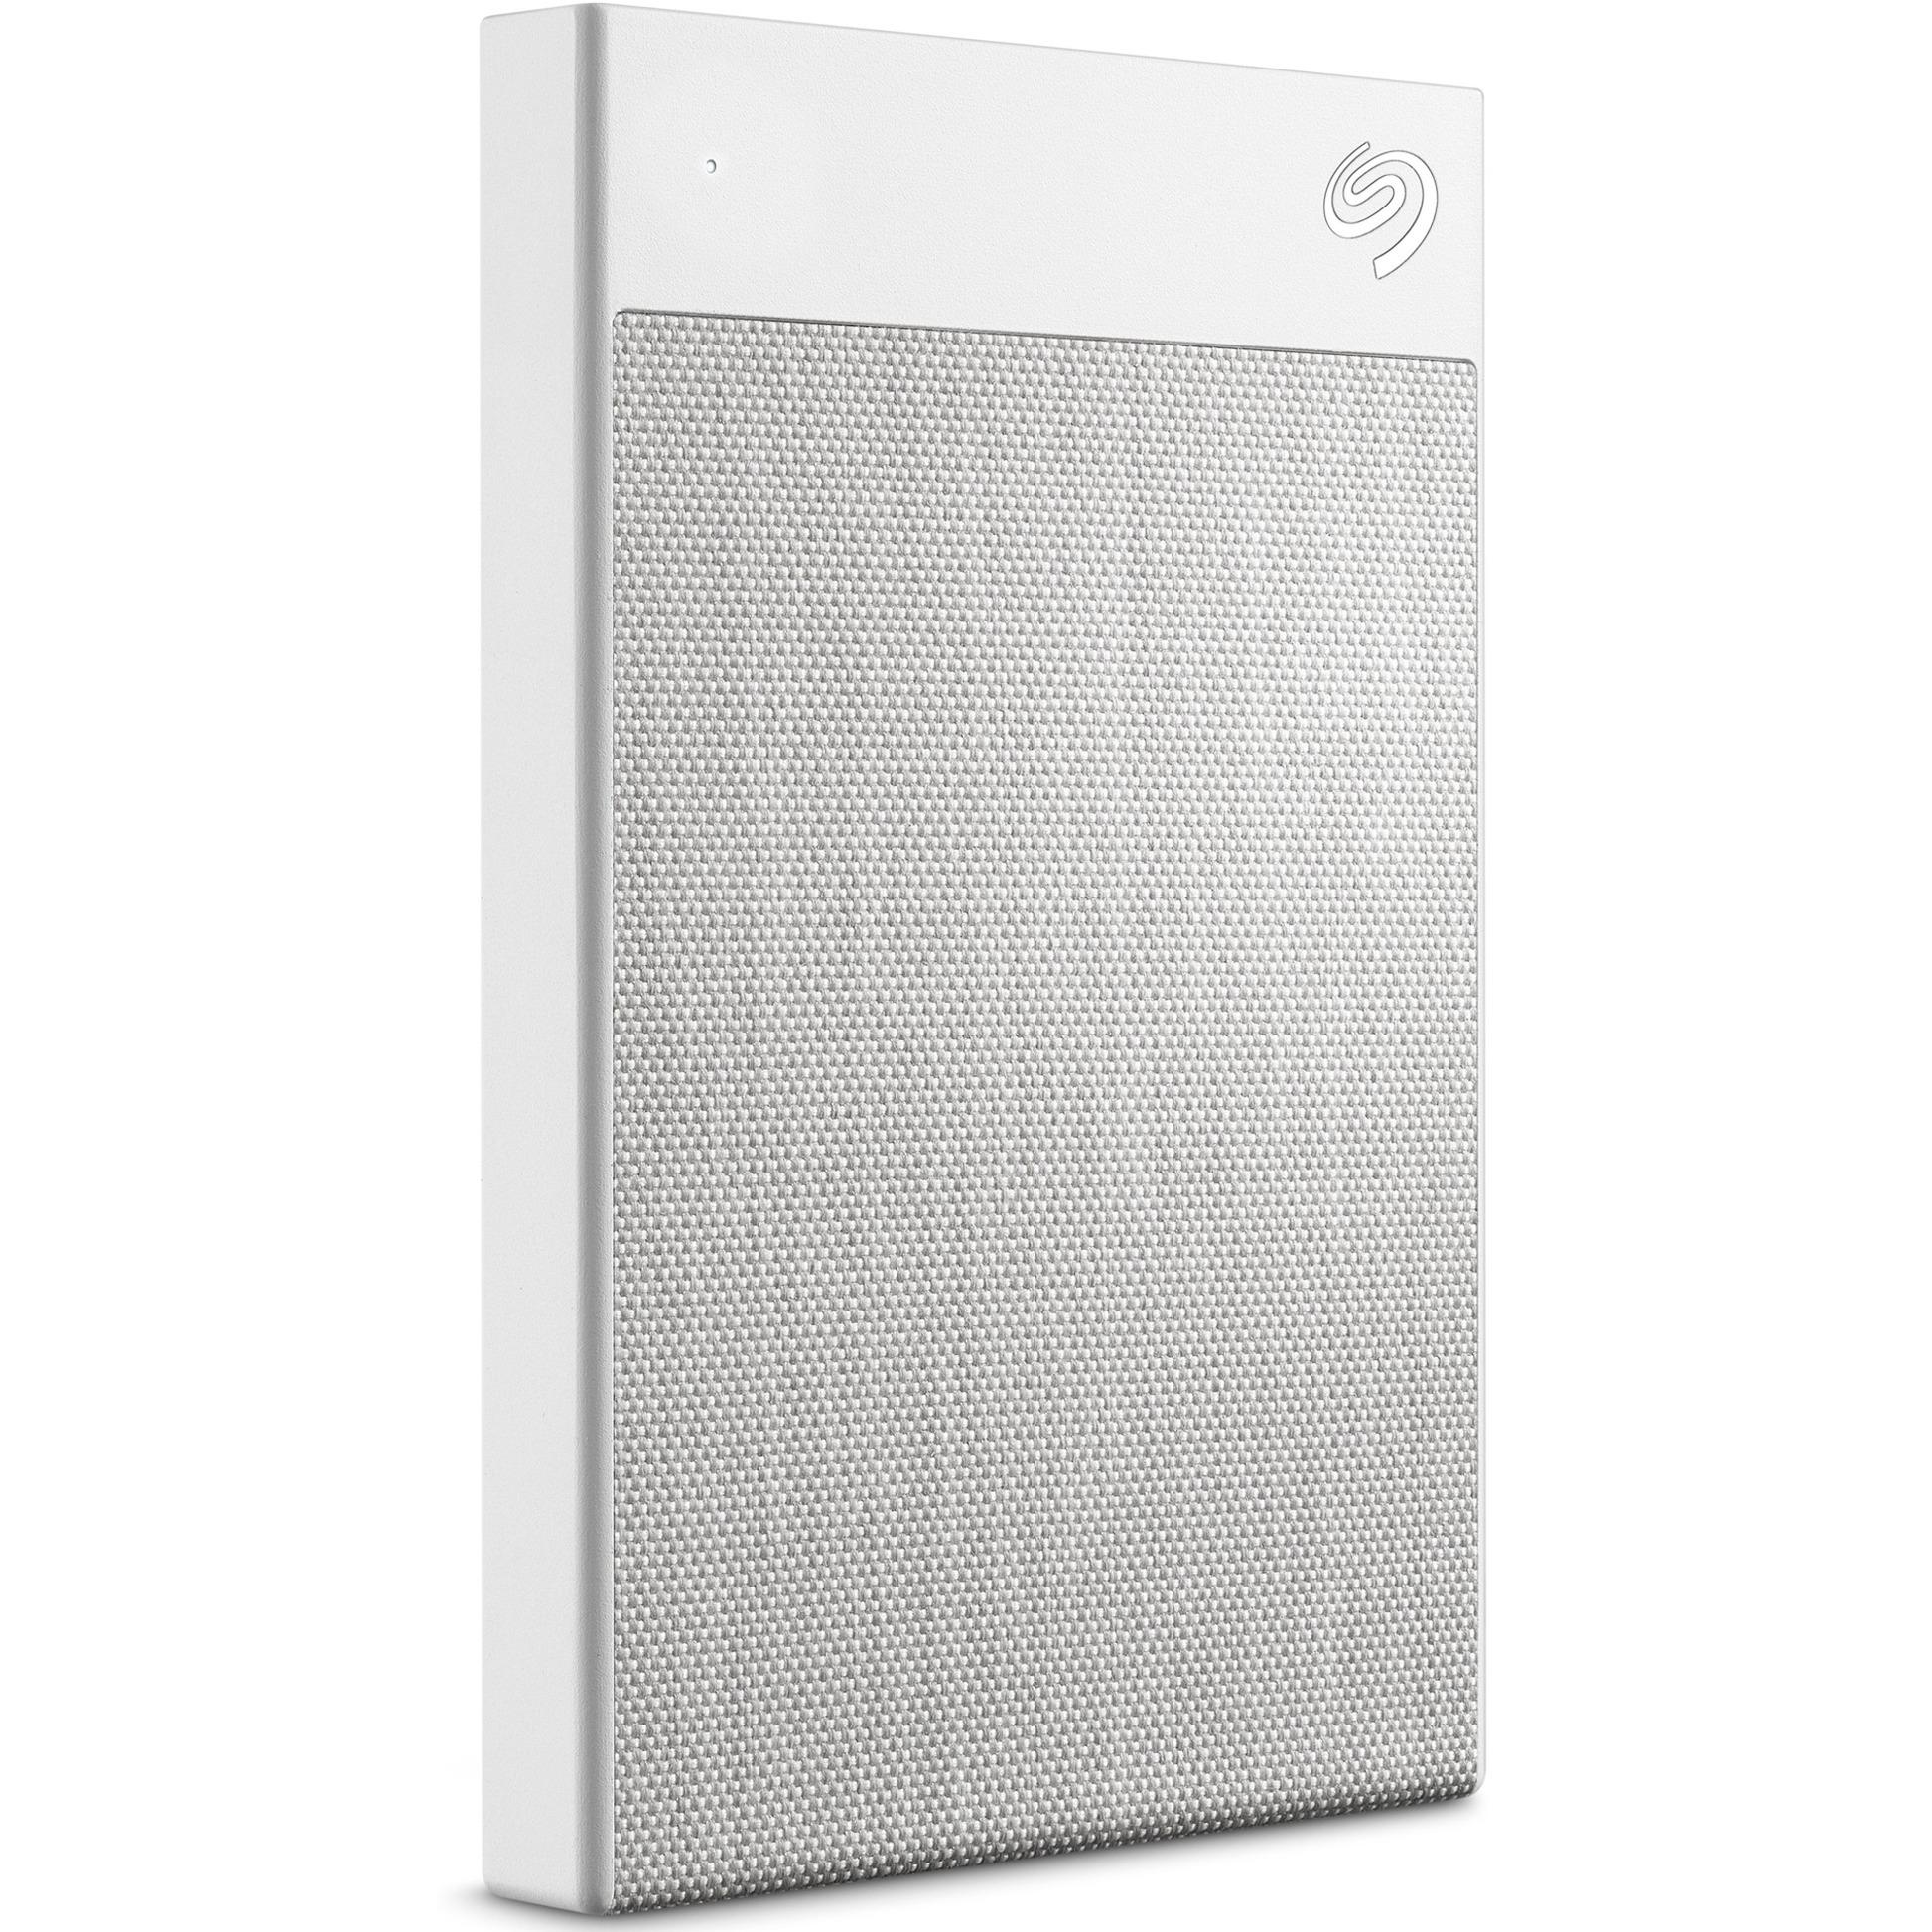 Backup Plus STHH2000402 disco duro externo 2000 GB Blanco, Unidad de disco duro